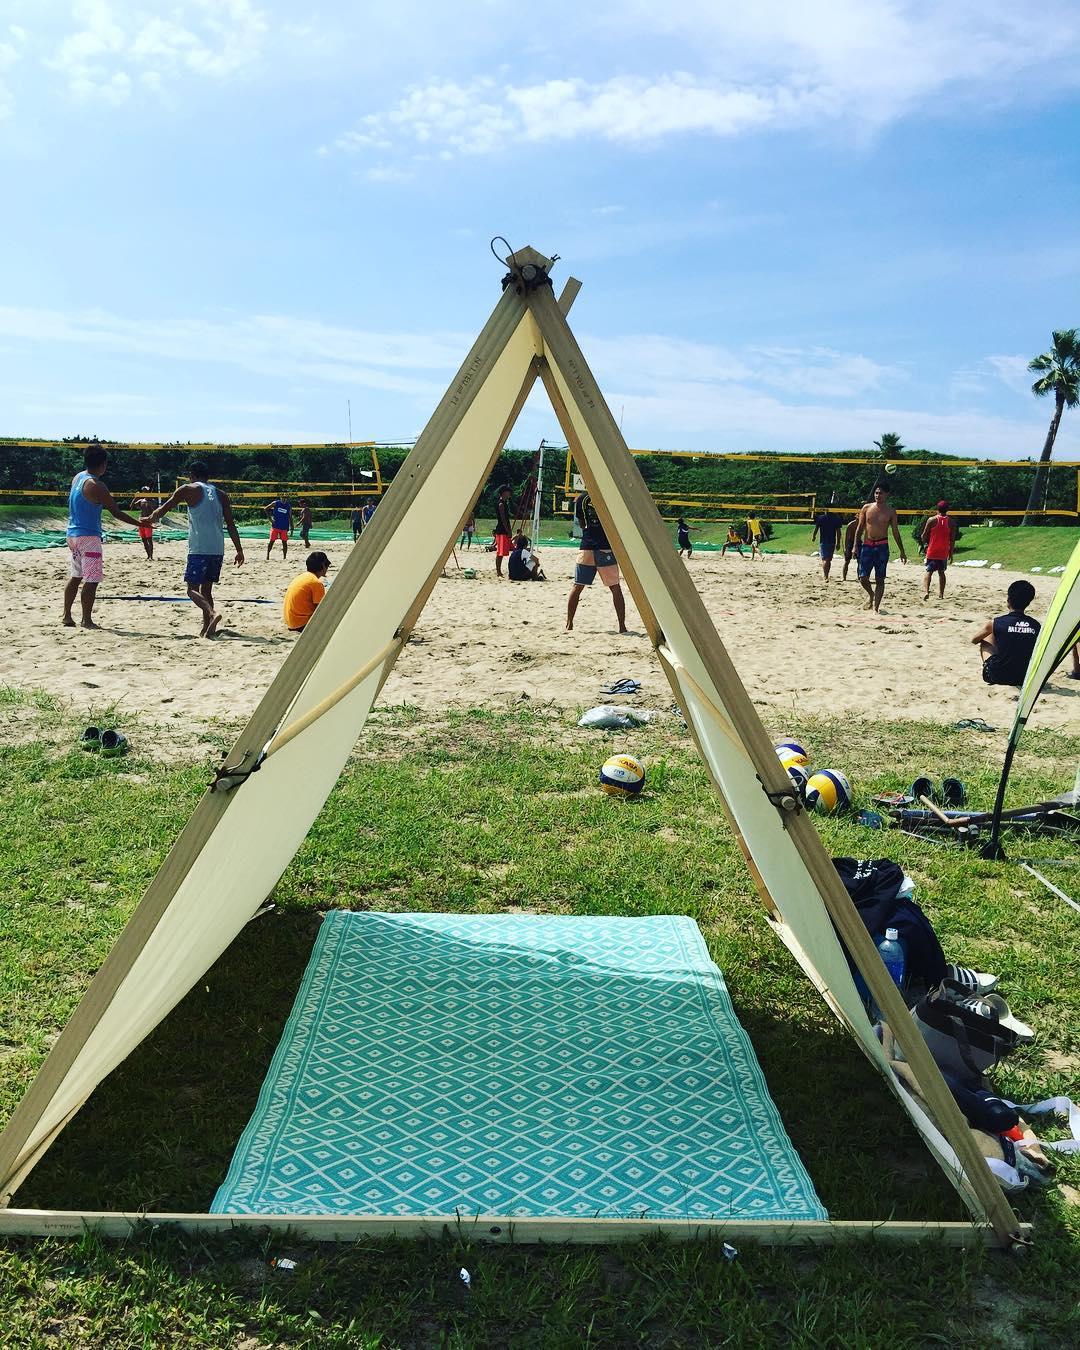 家の庭や近くの公園でも、フランス流バカンス気分を味わうことができる「帆布テント」|LA TENTE ISLAISE(ラ・タント・イレーズ)